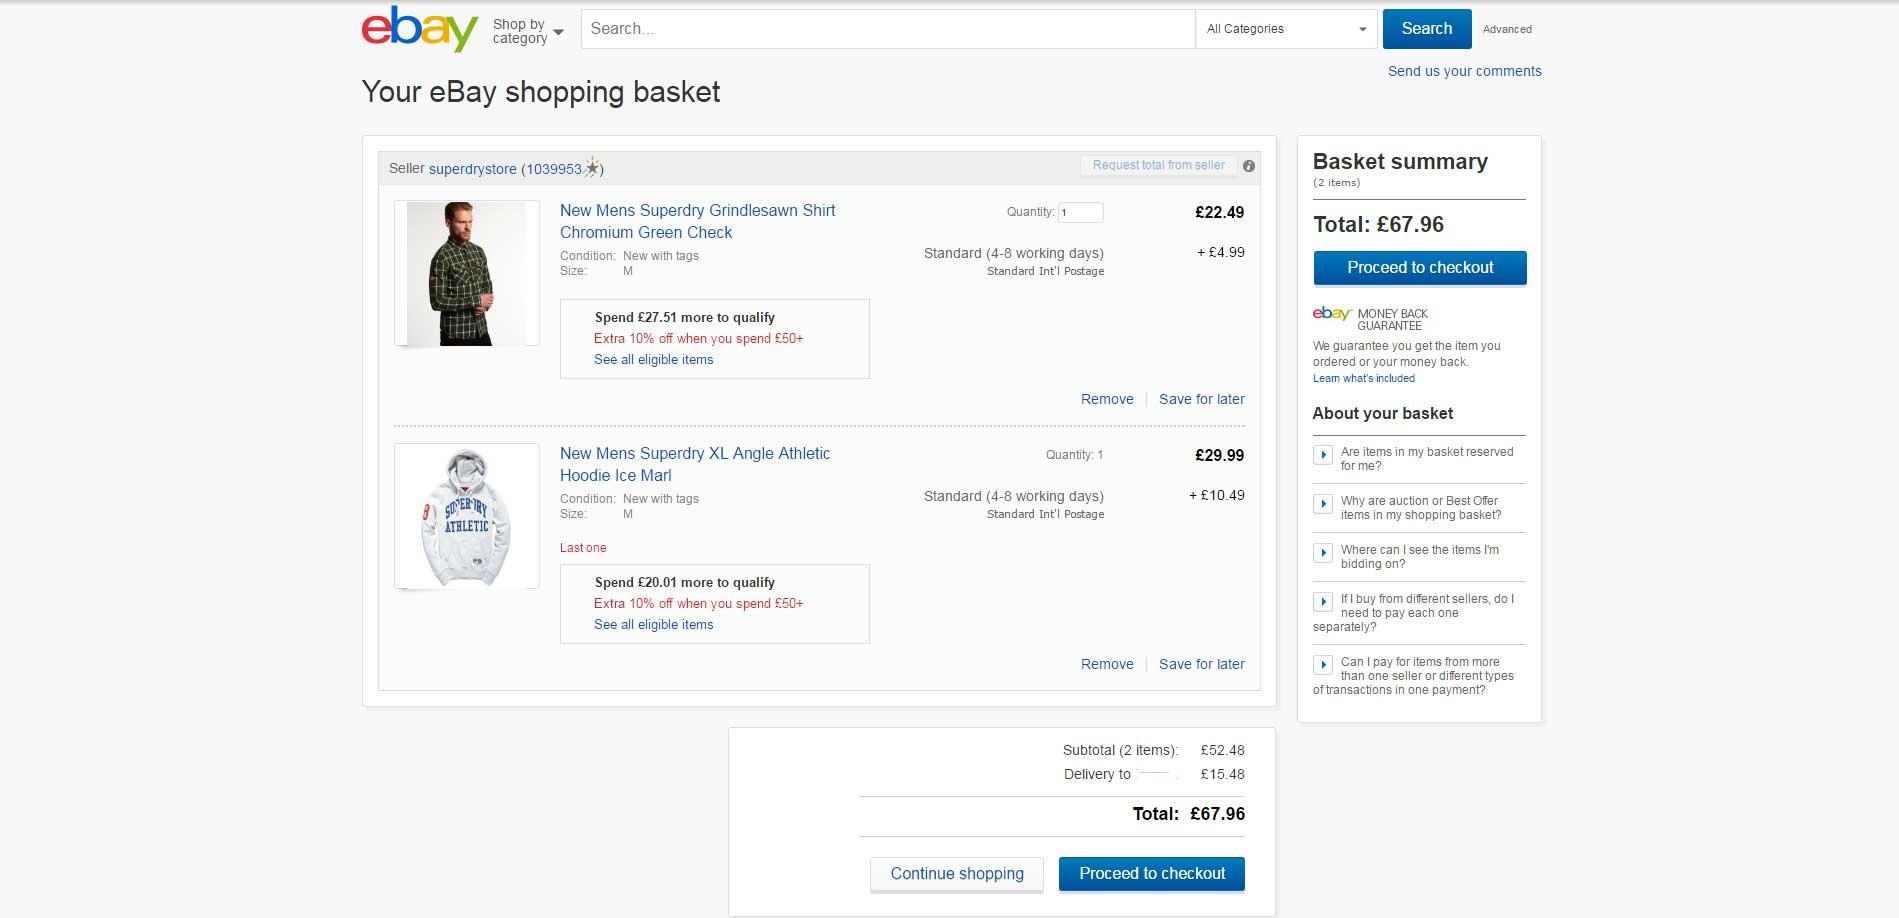 superdry-ebay-order